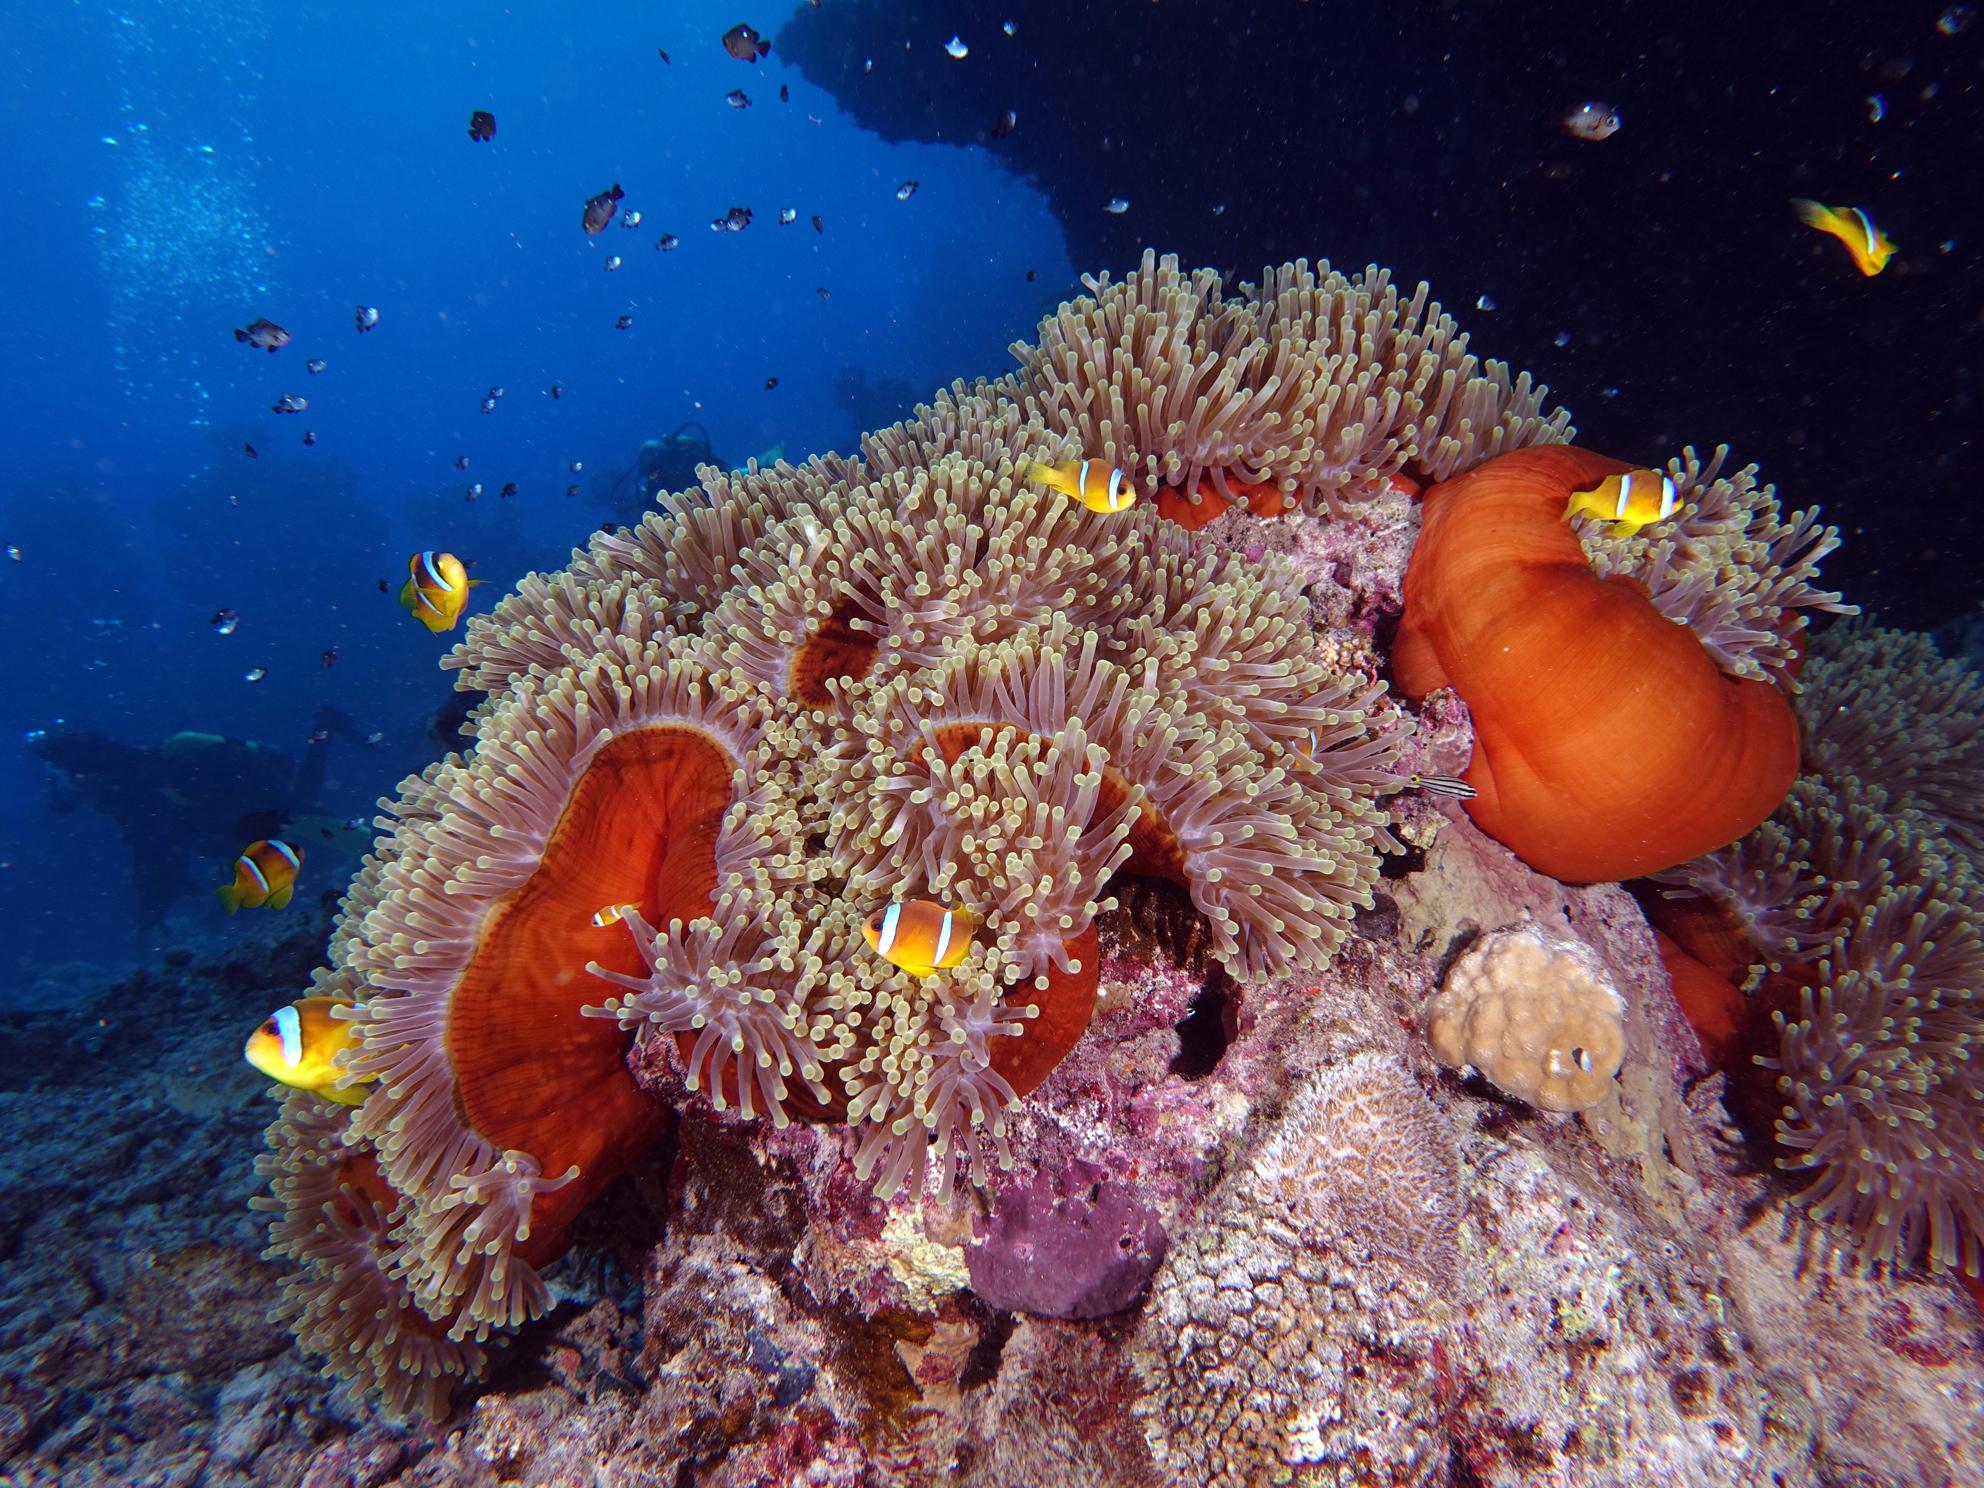 Anemone Clownfische